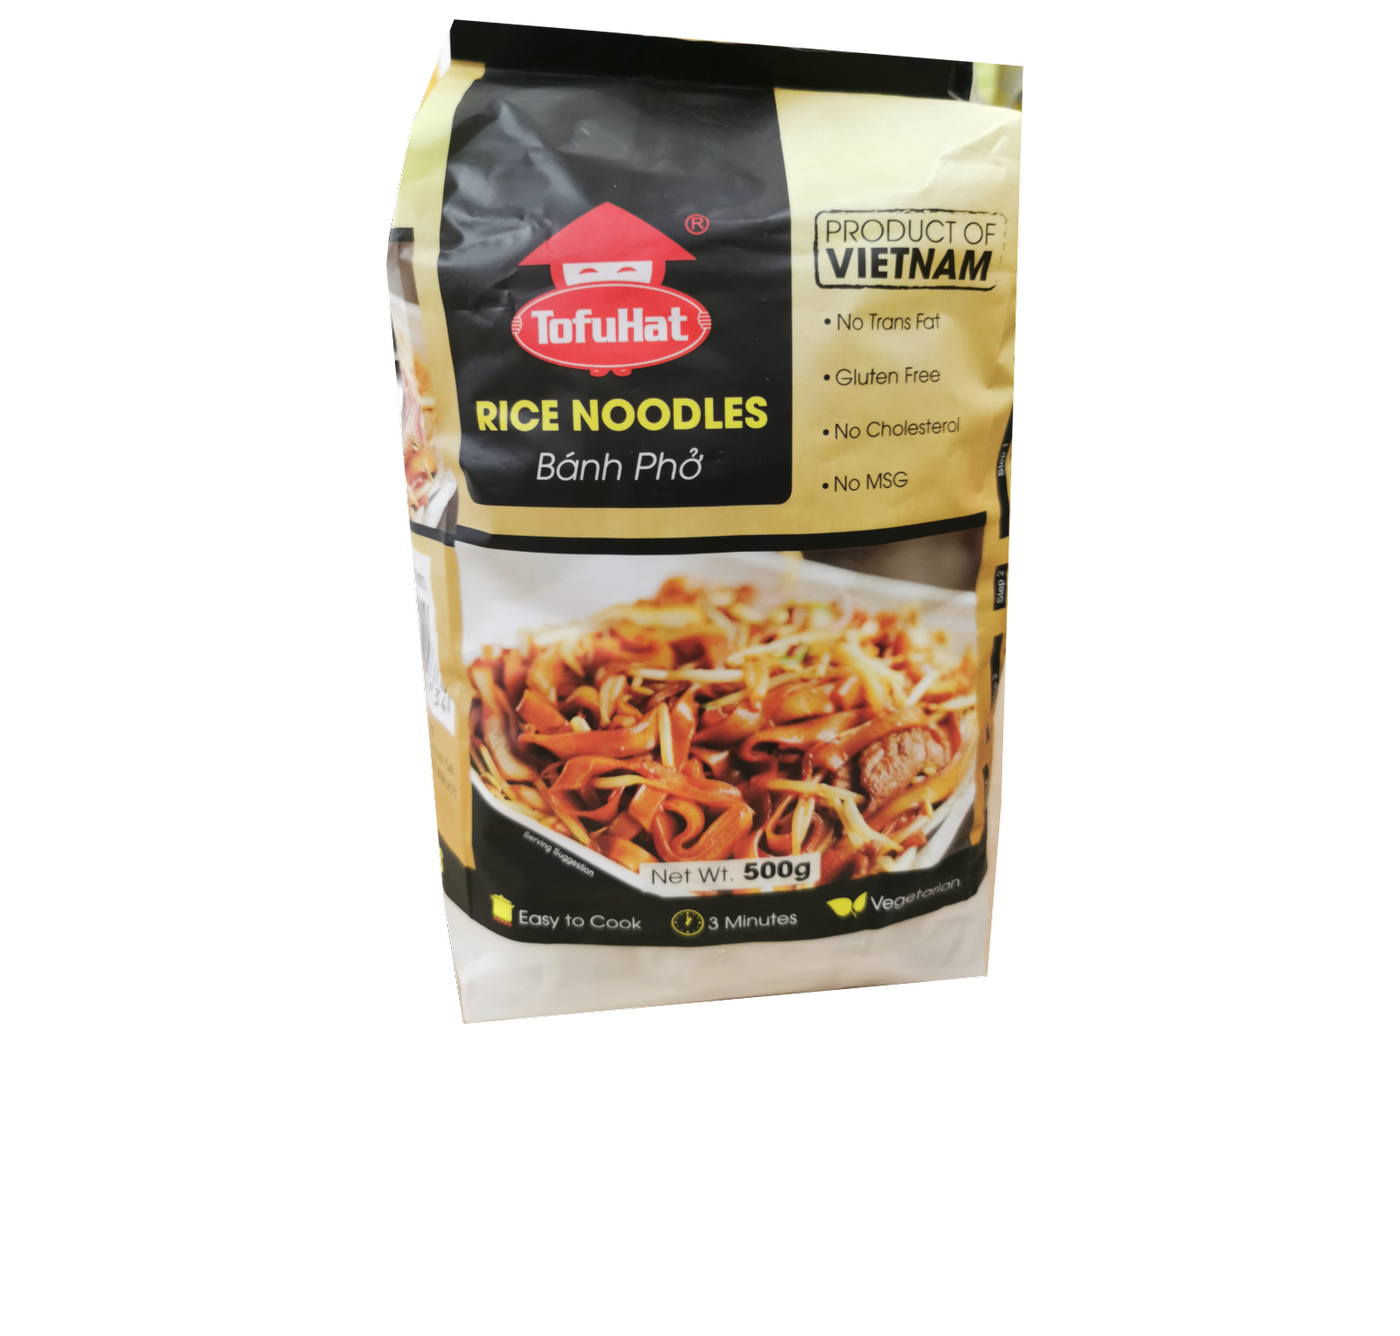 TofuHat Rice Noodles